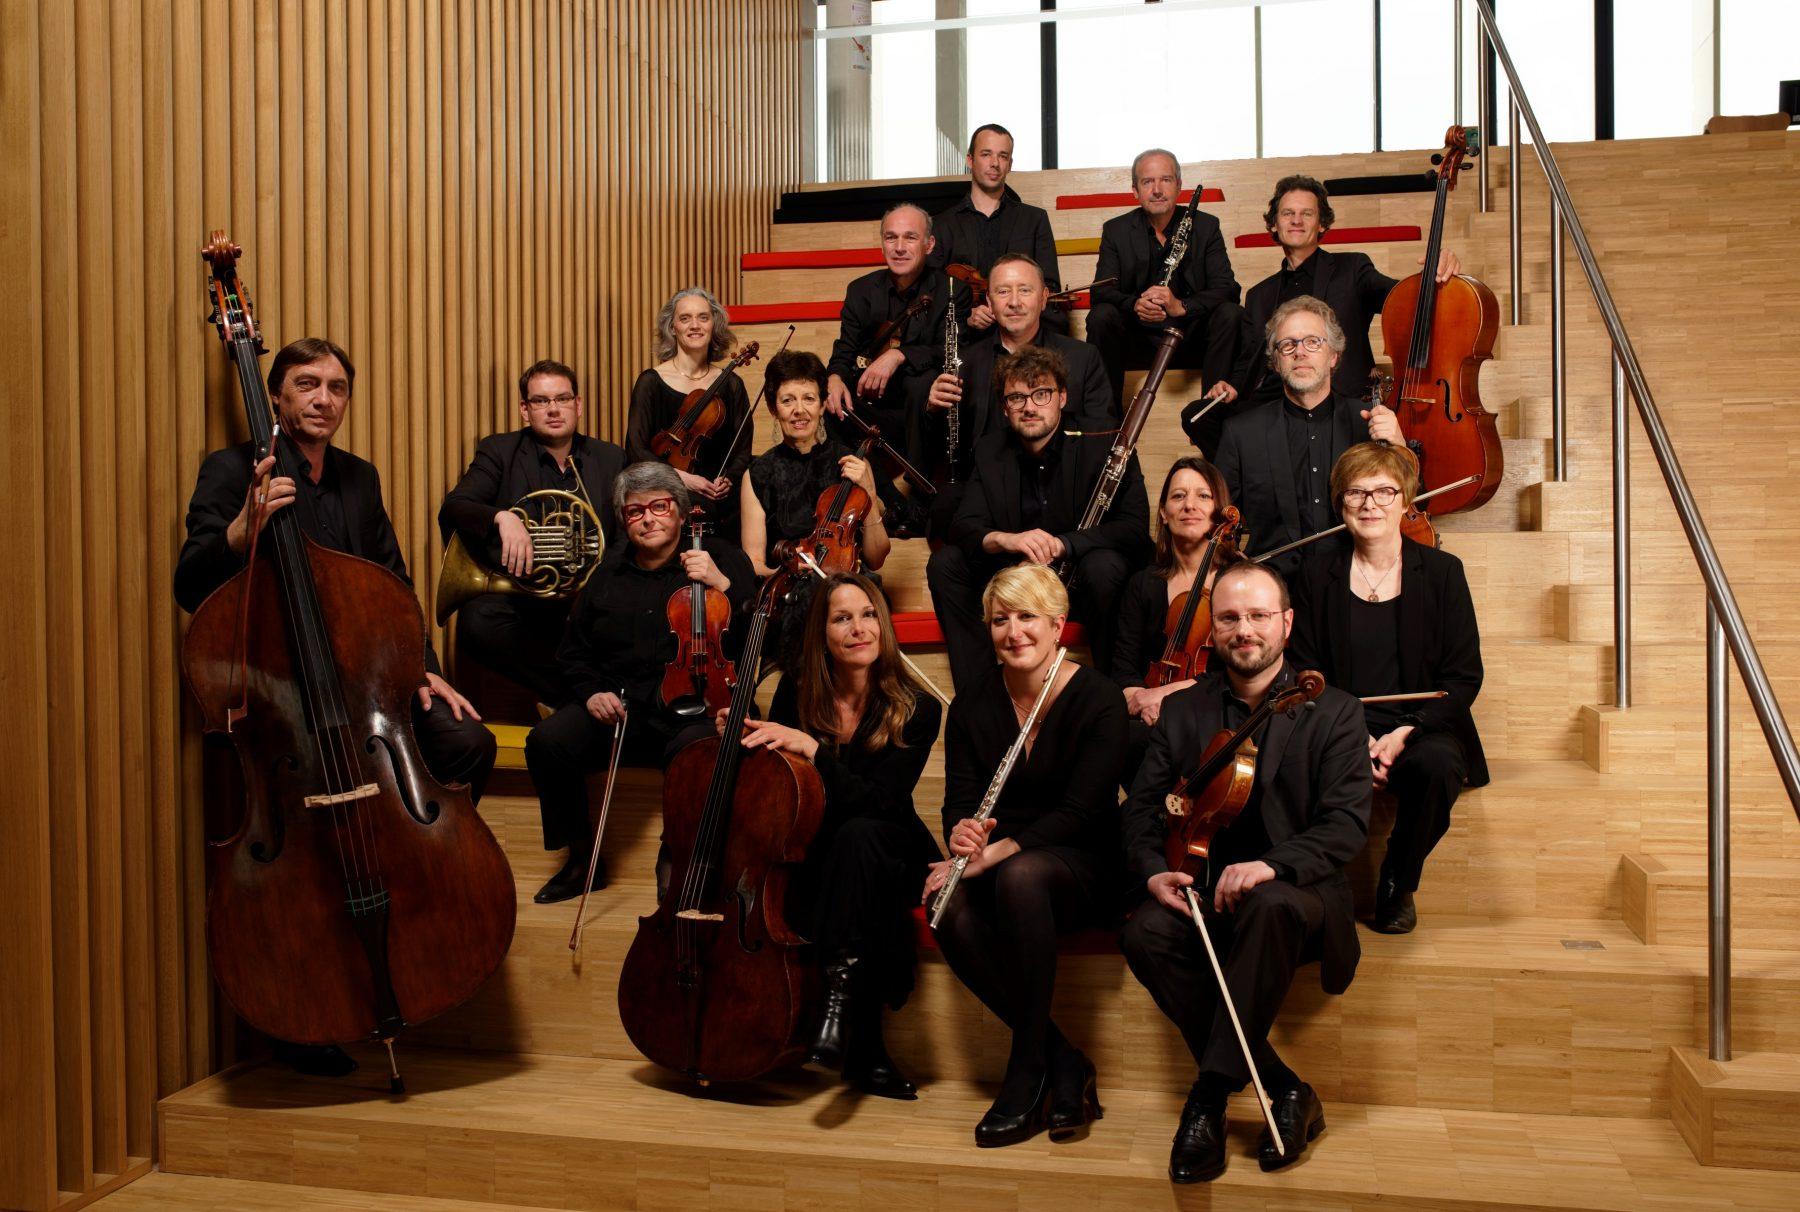 Orchestre Régional de Normandie © François Dupont - OI14